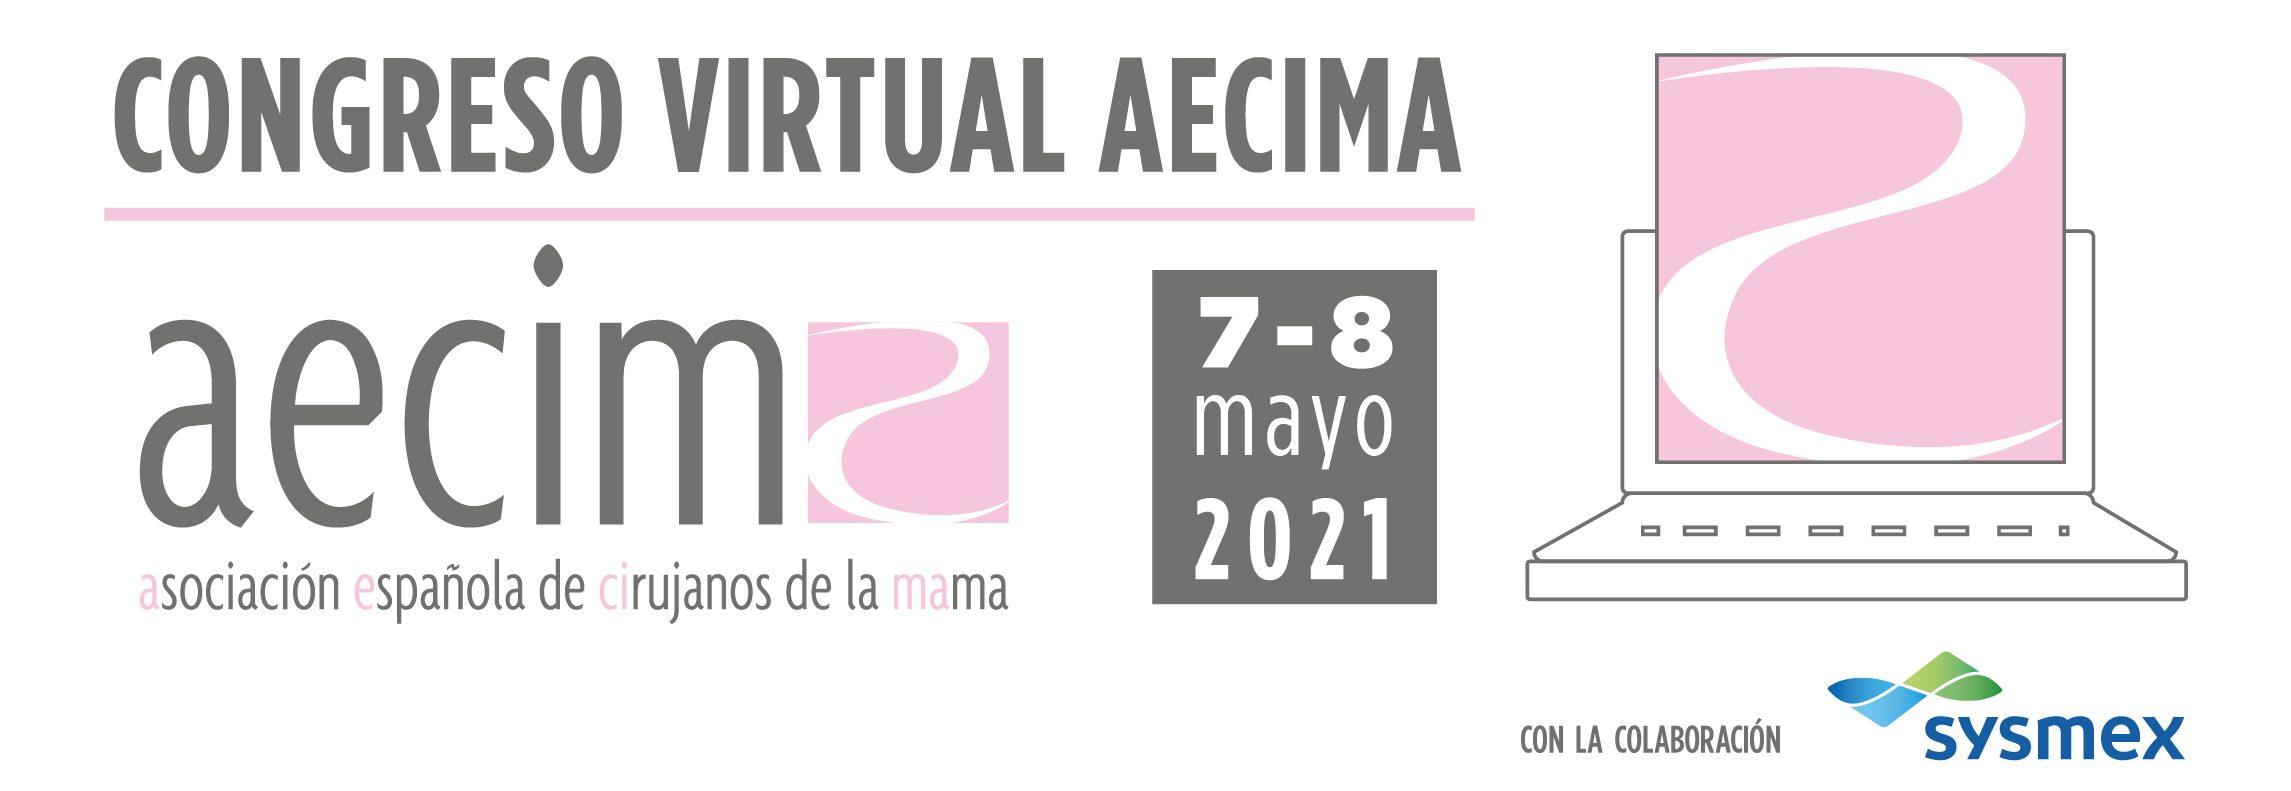 Congreso Virtual AECIMA 2021